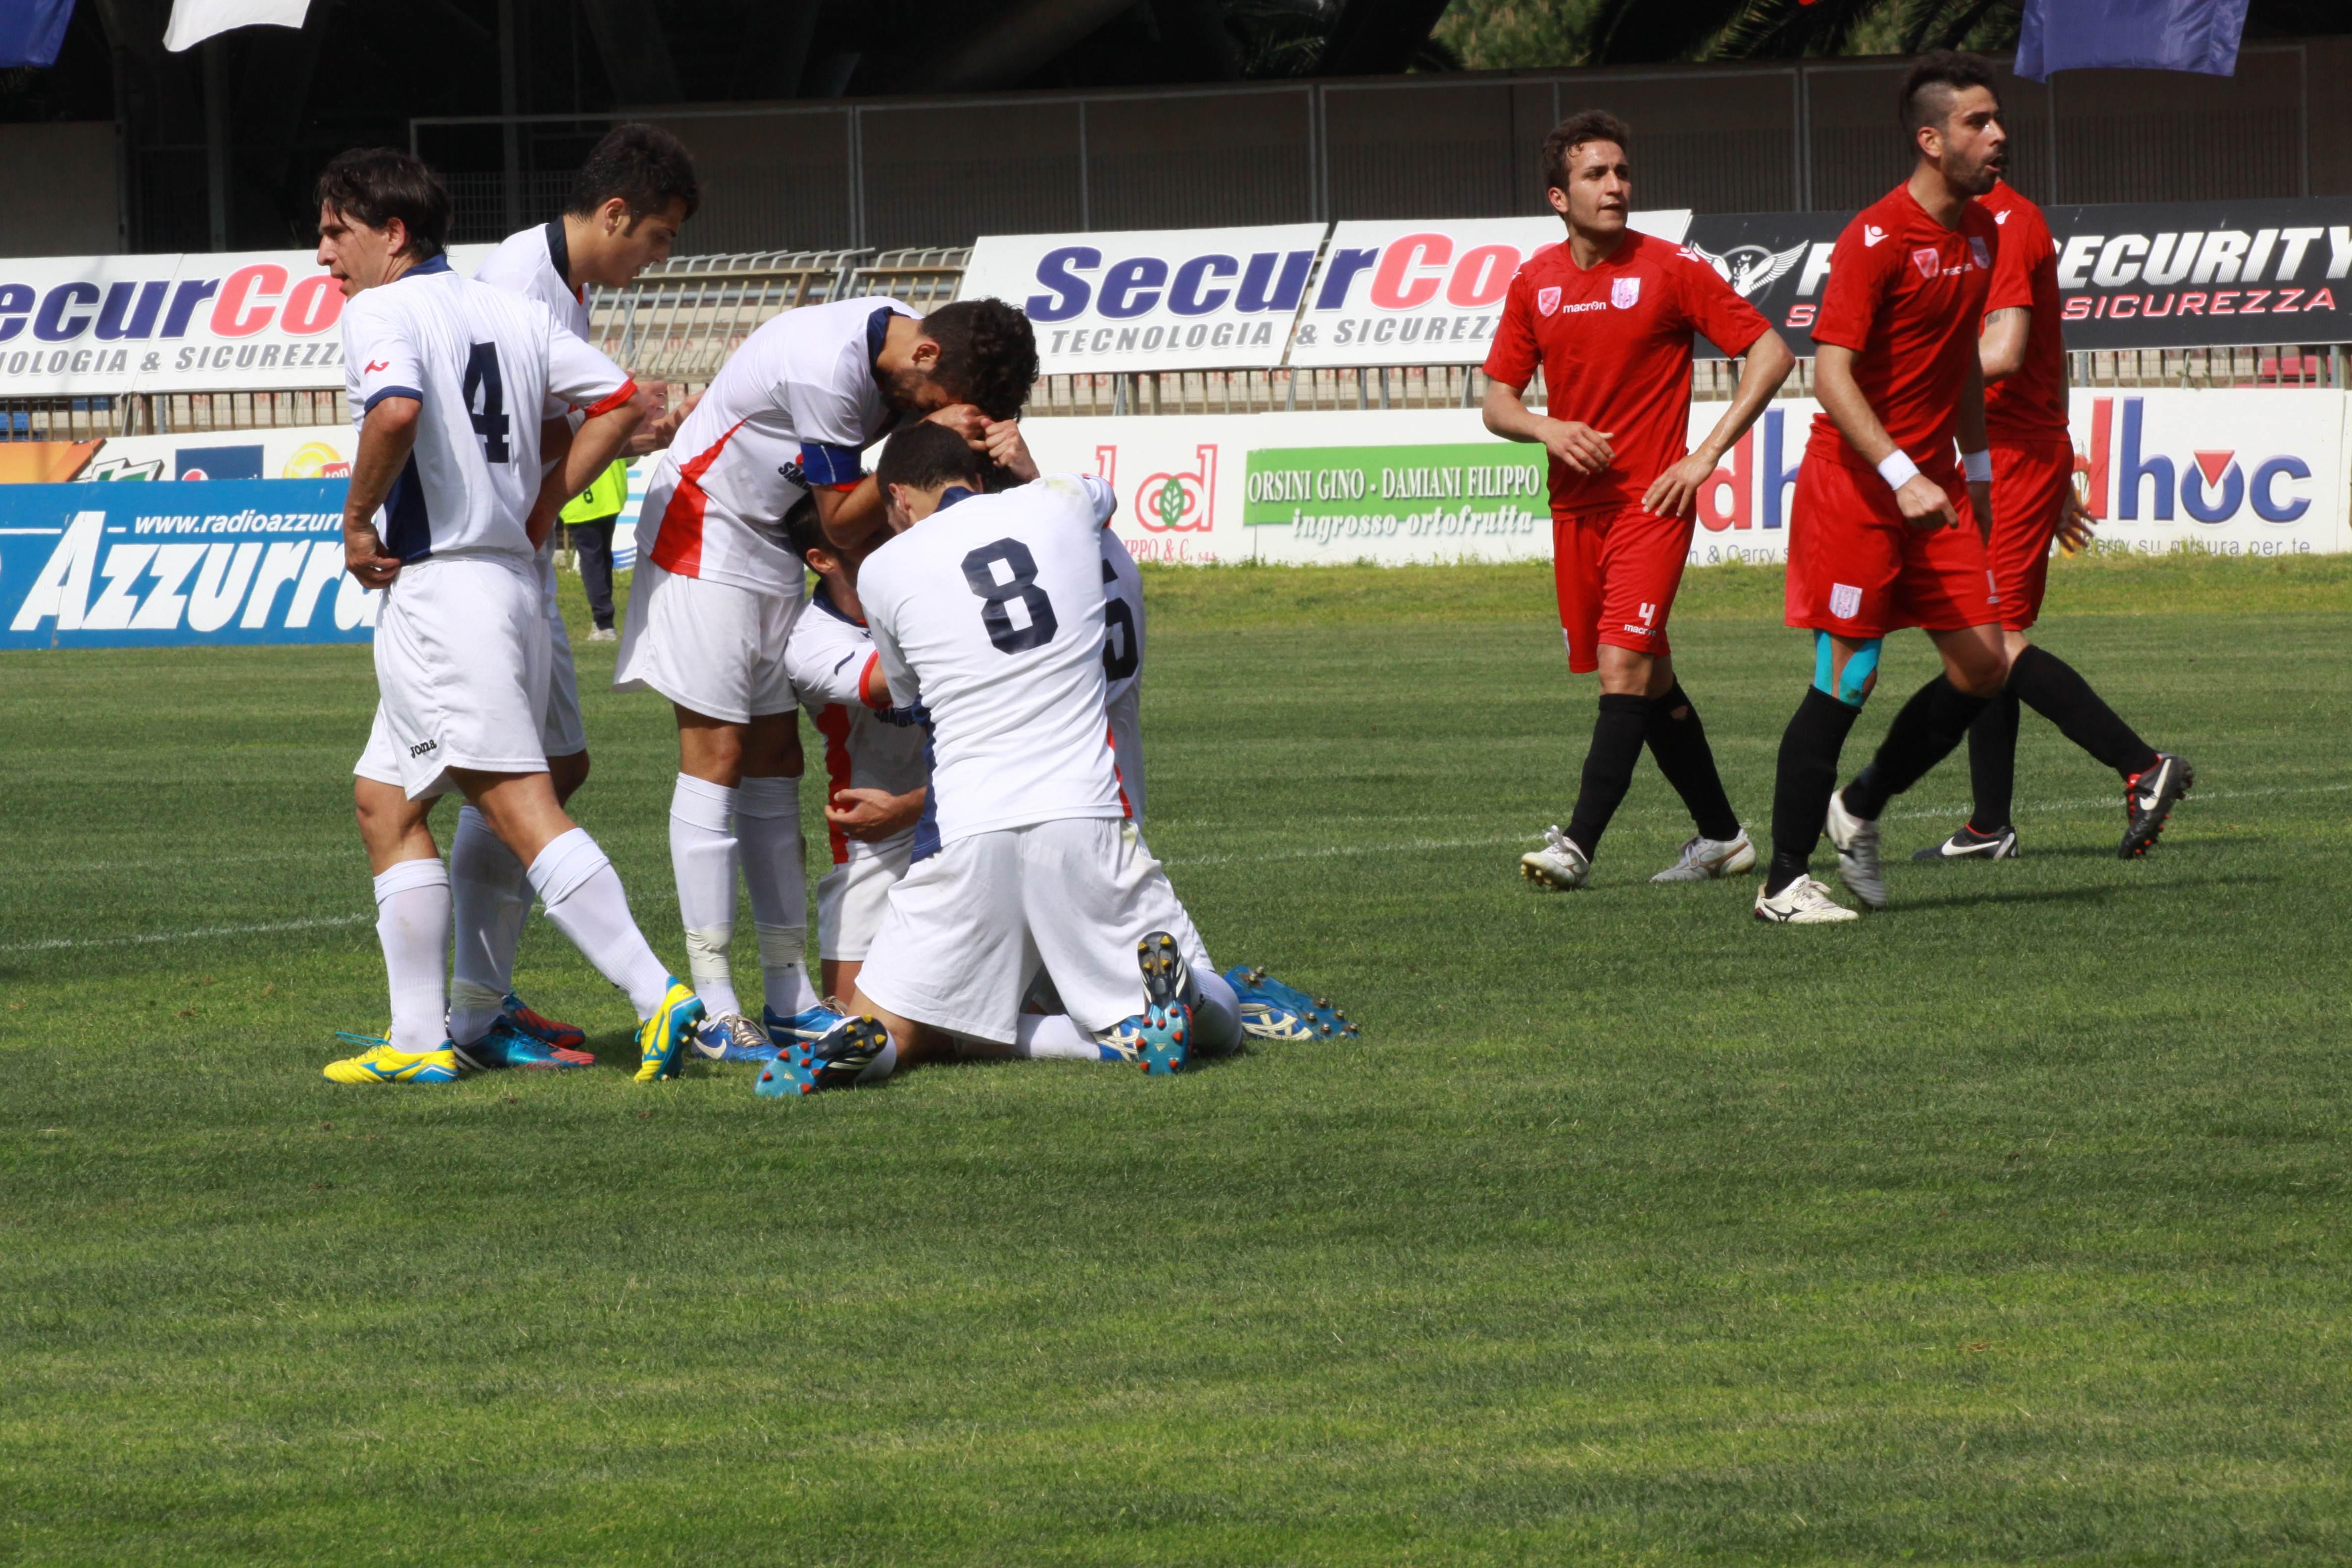 Samb-Isernia (bianchini) gol Quondamatteo 2